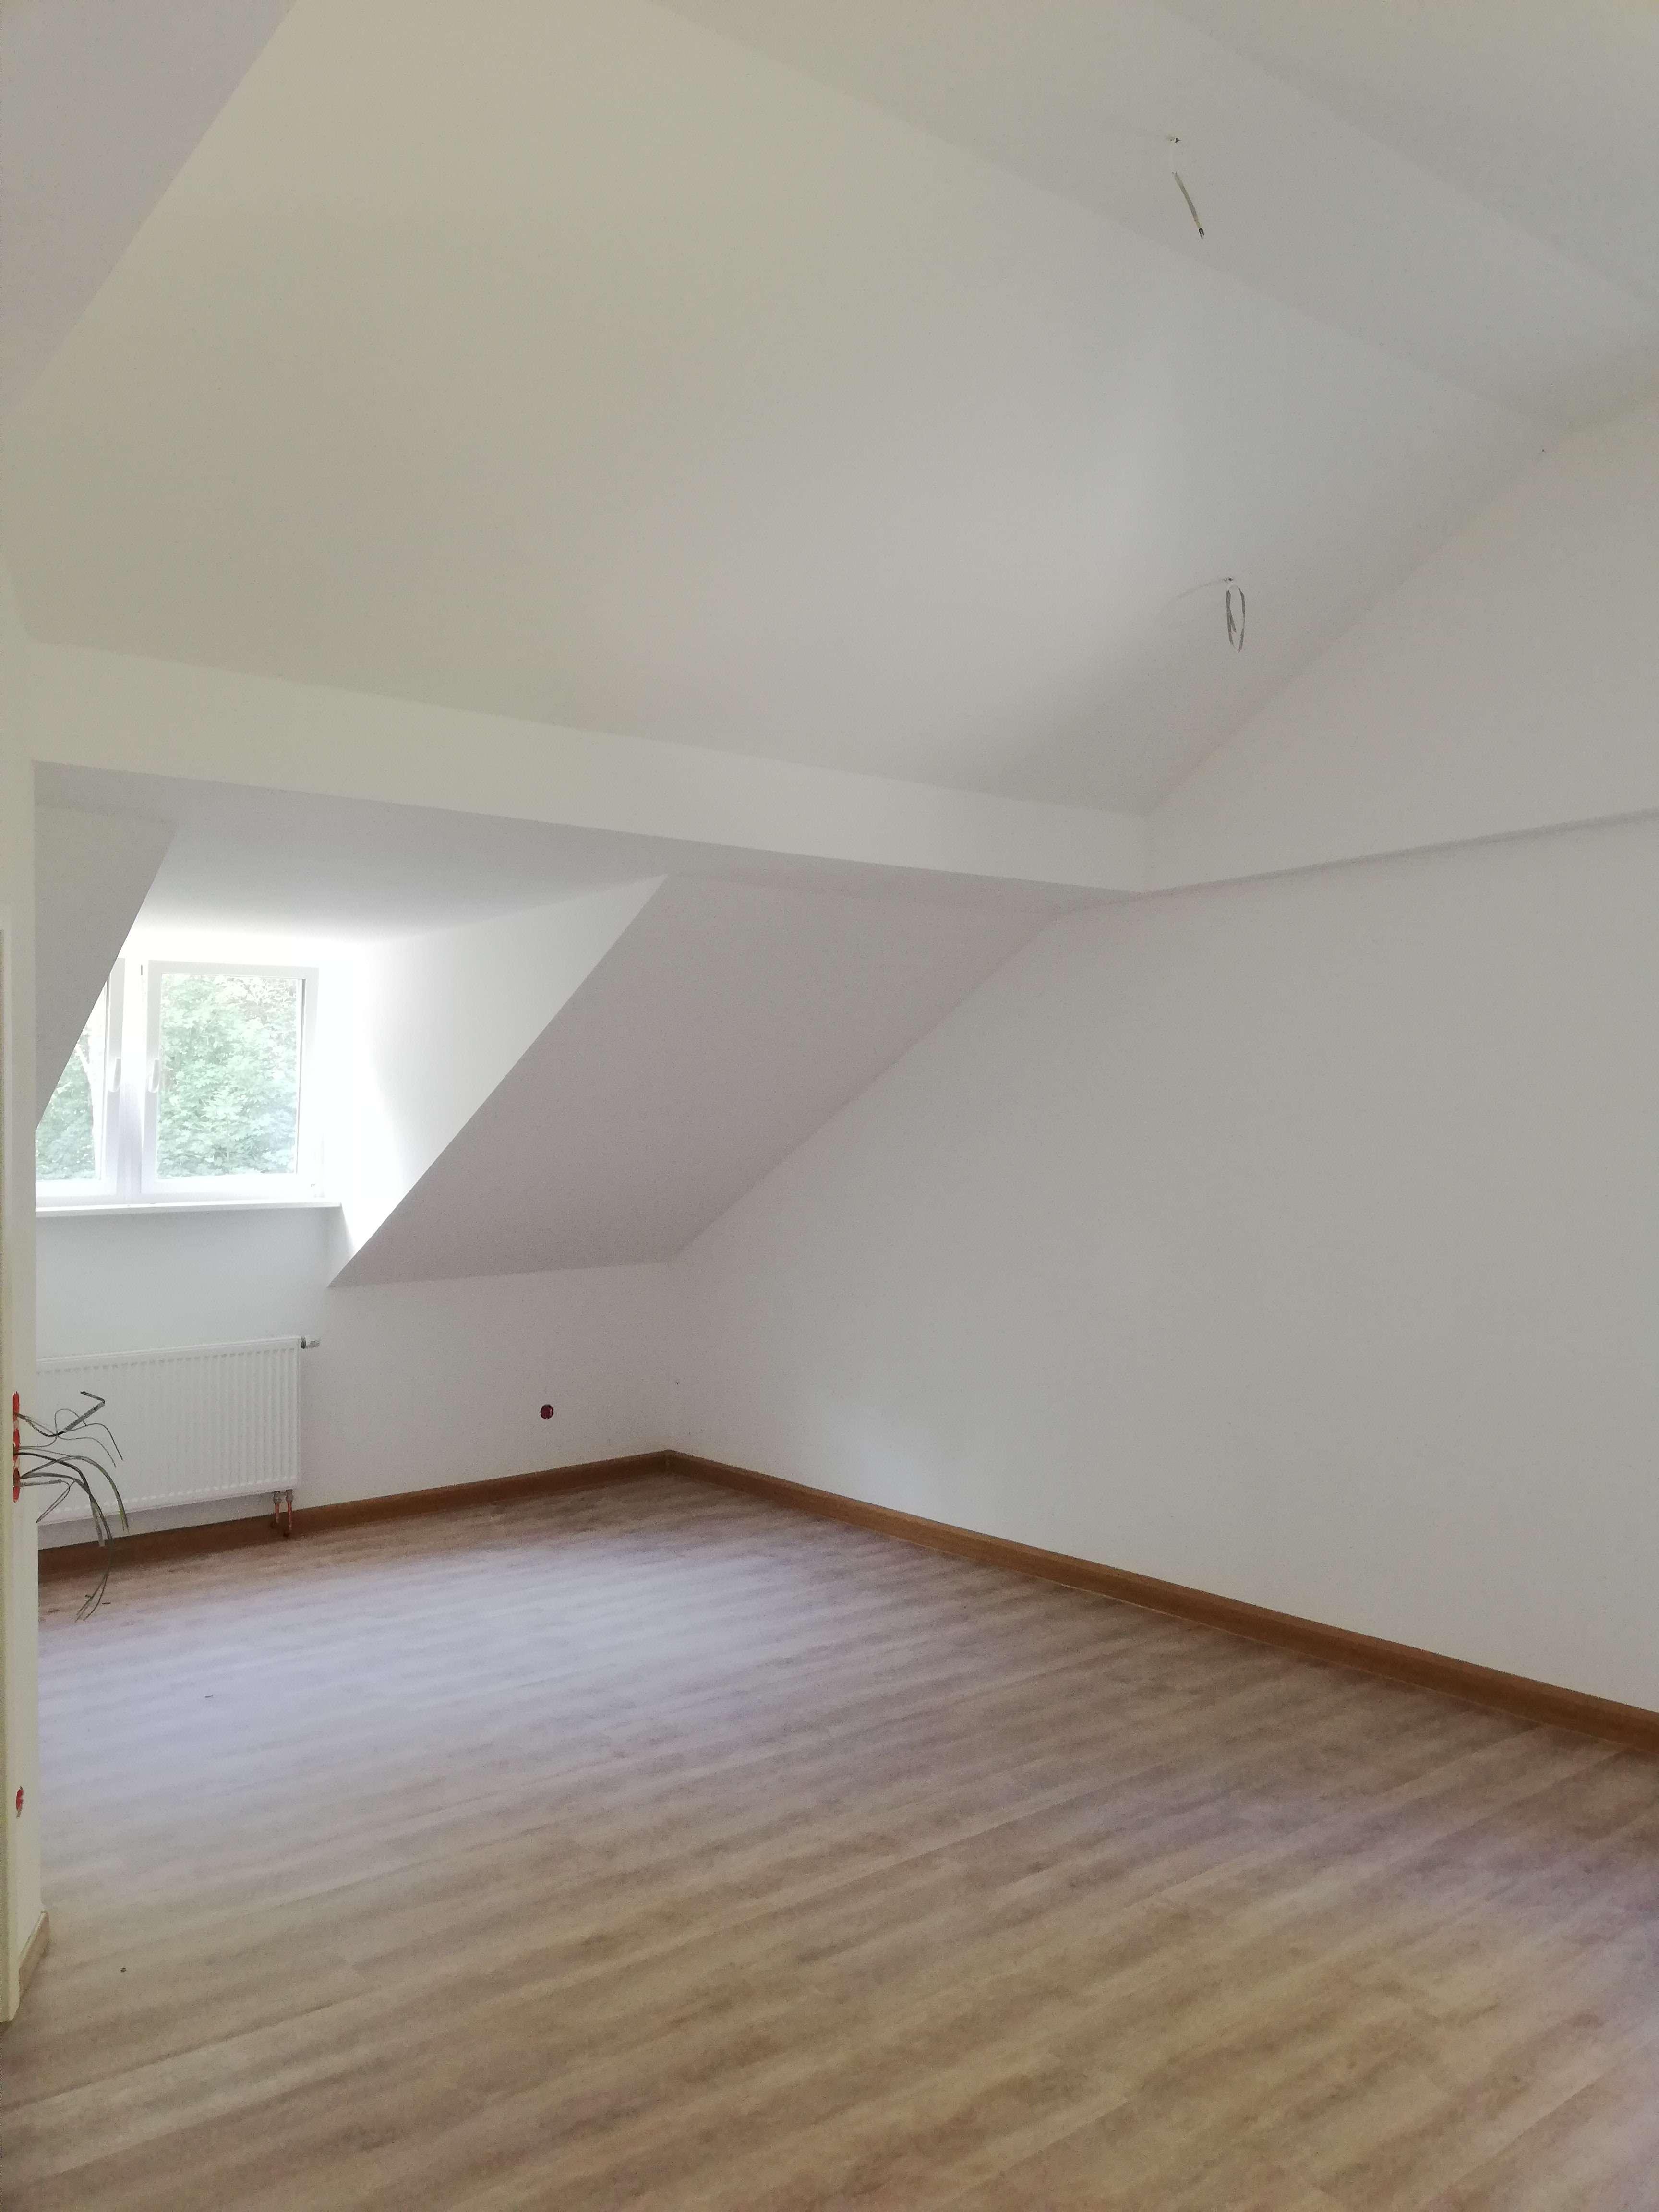 Schöne, neuwertige 2-Zimmer-DG-Wohnung in Neuburg an der Donau in